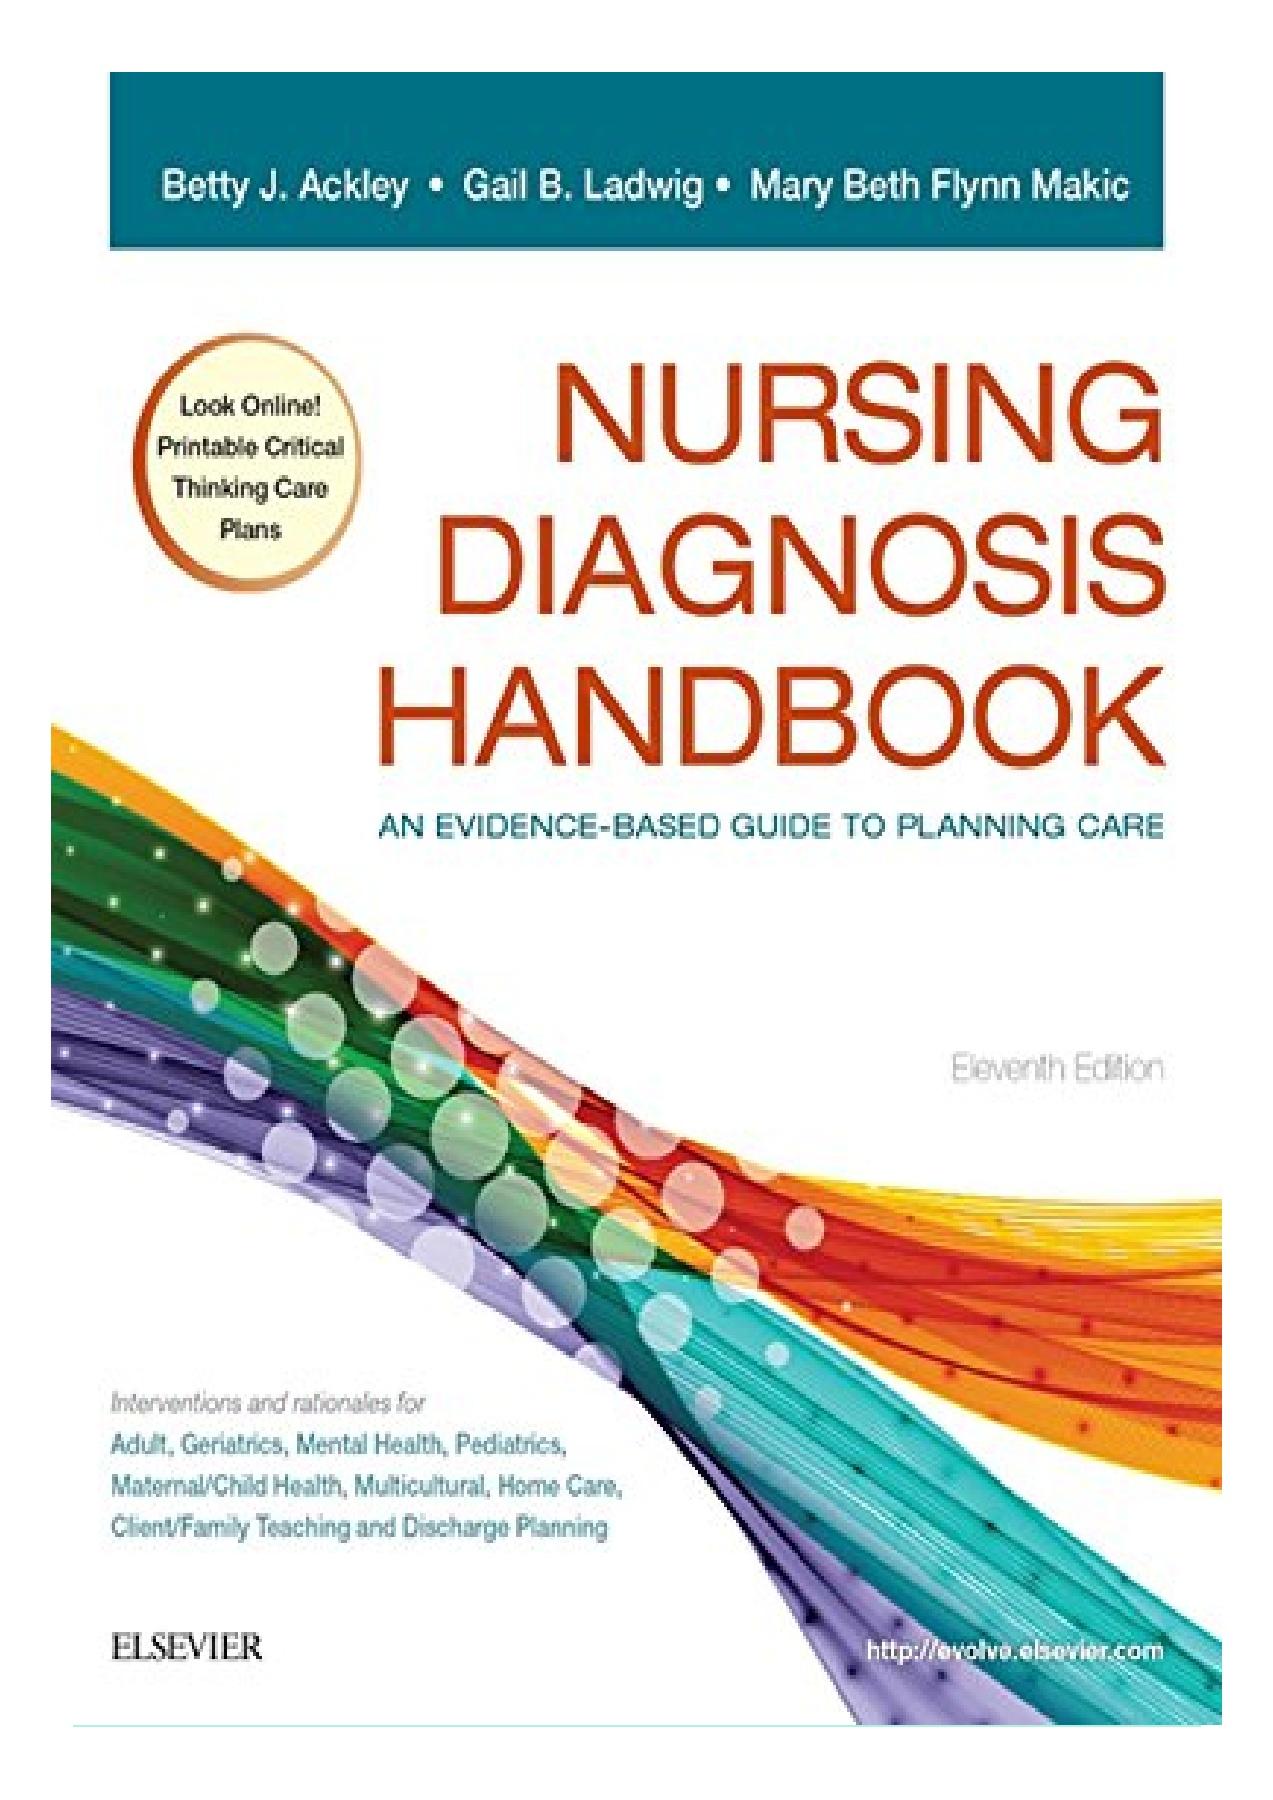 Nursing Diagnosis Handbook Pdf Free Download